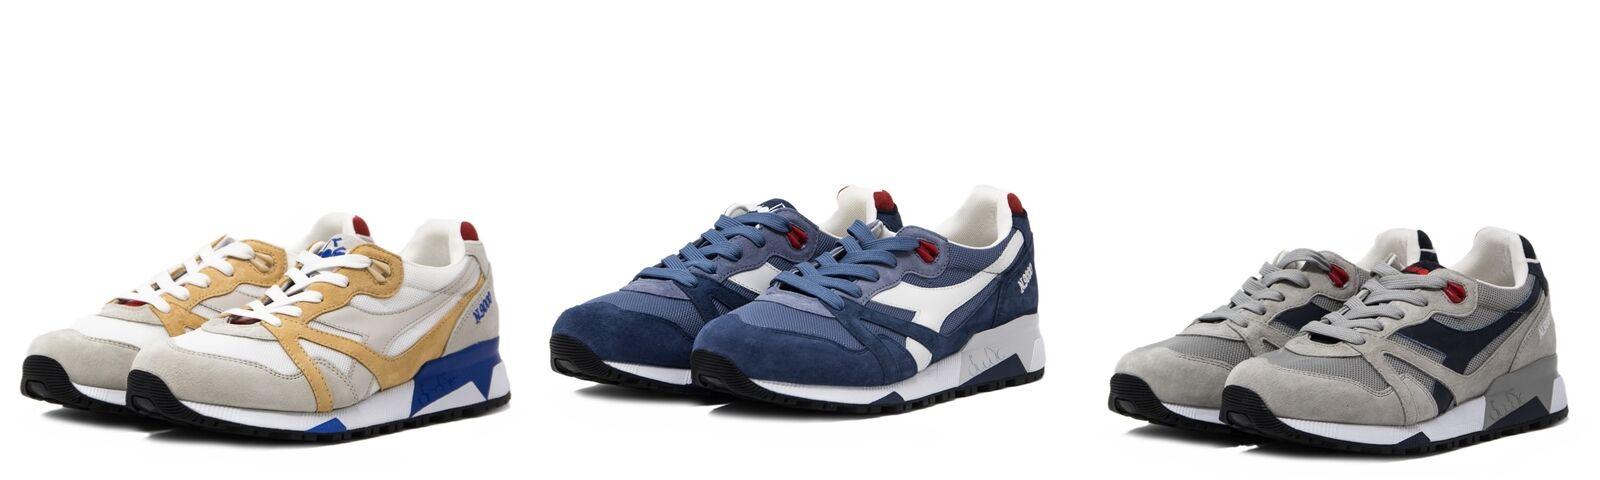 DIADORA Hombres Zapatos Tenis N9000 Italia 501.170468